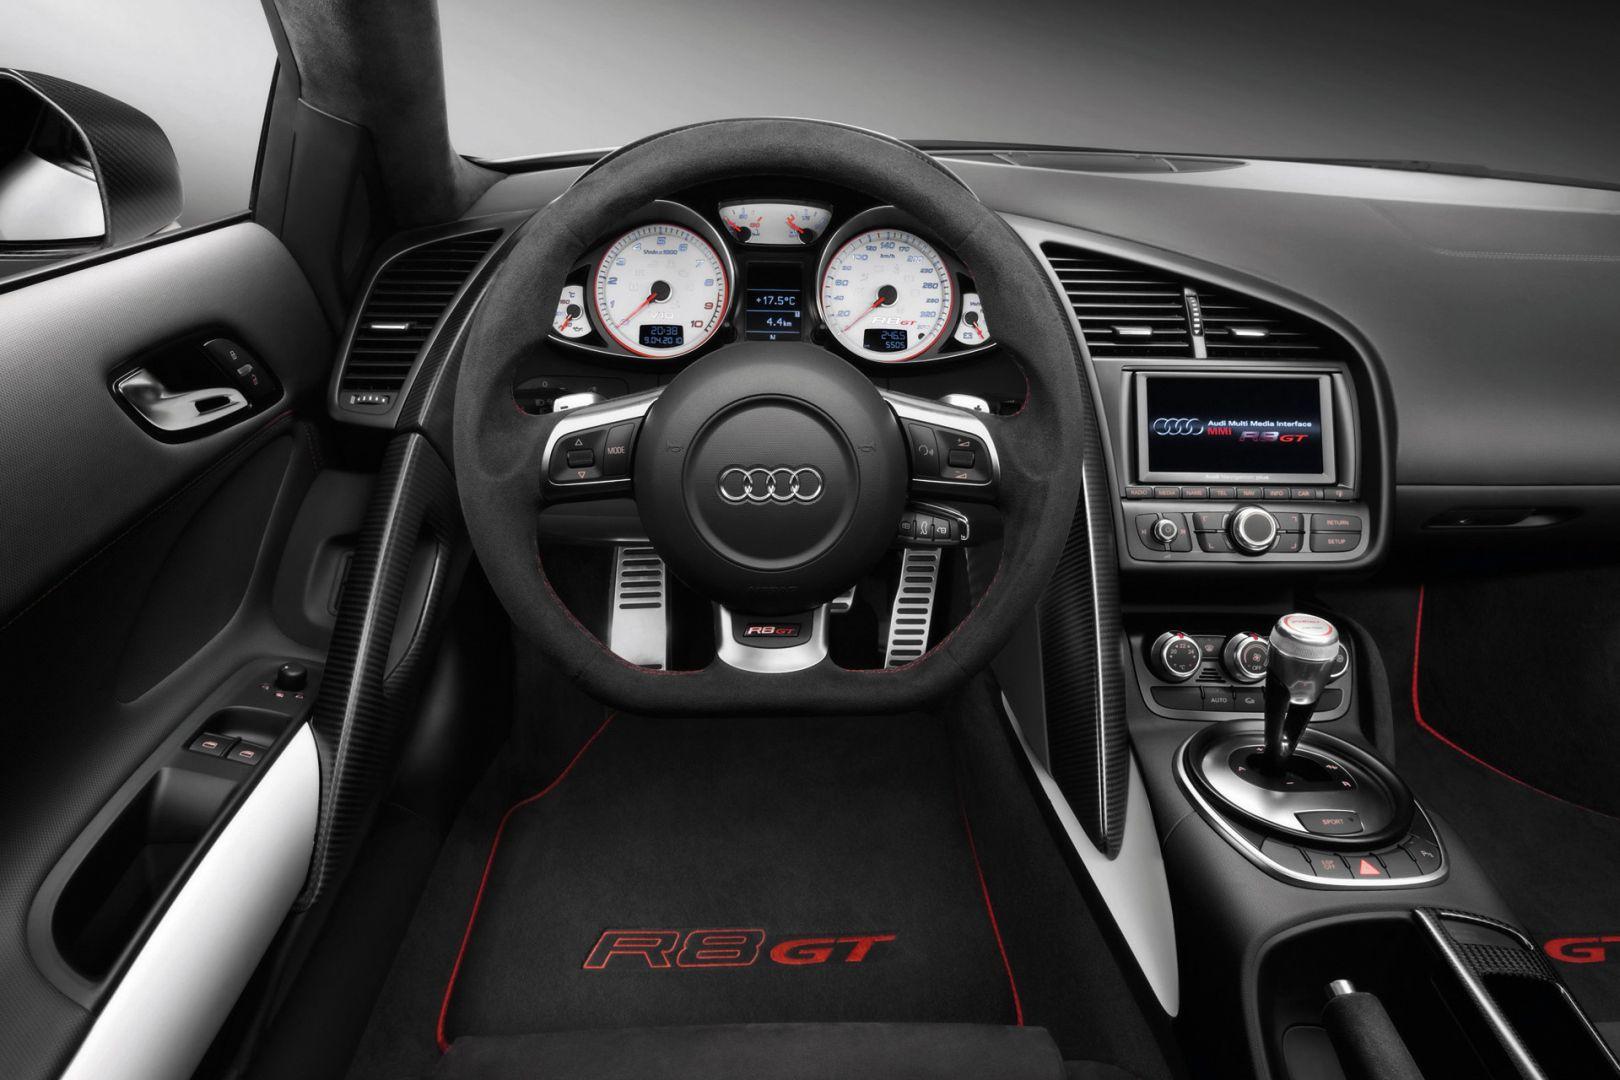 Intérieur Audi R8, du luxe dans la moindre finition ...